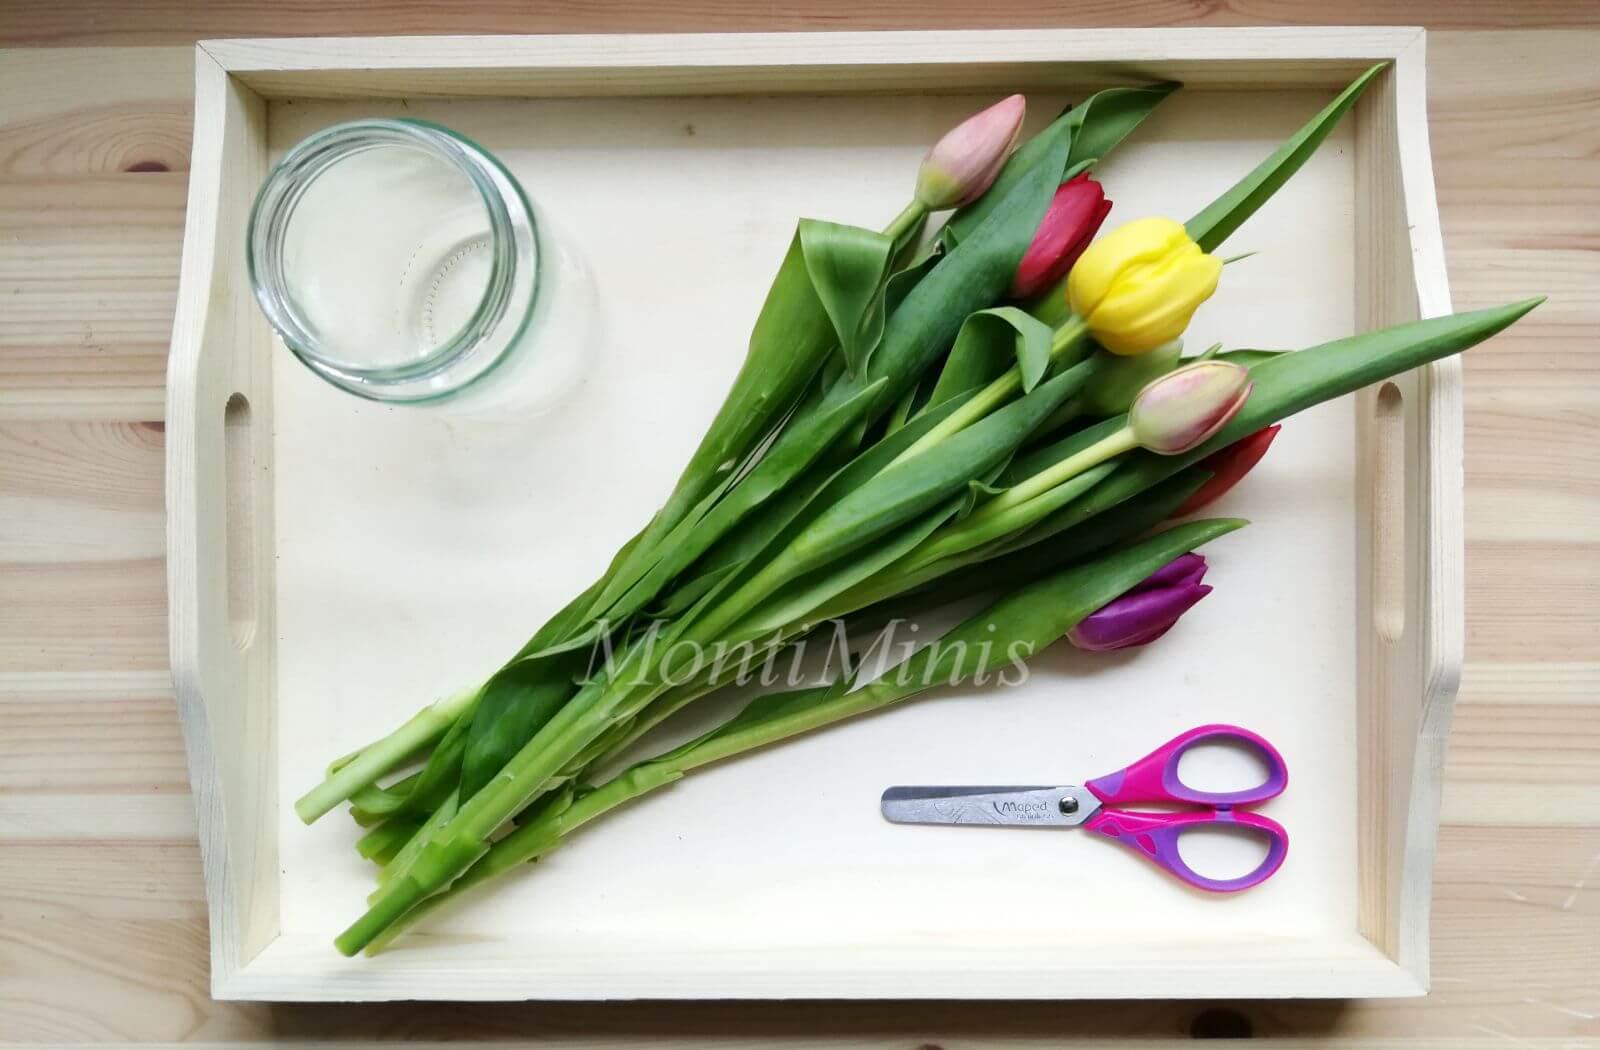 Blumen arrangieren – Eine Übung des täglichen Lebens nach Montessori